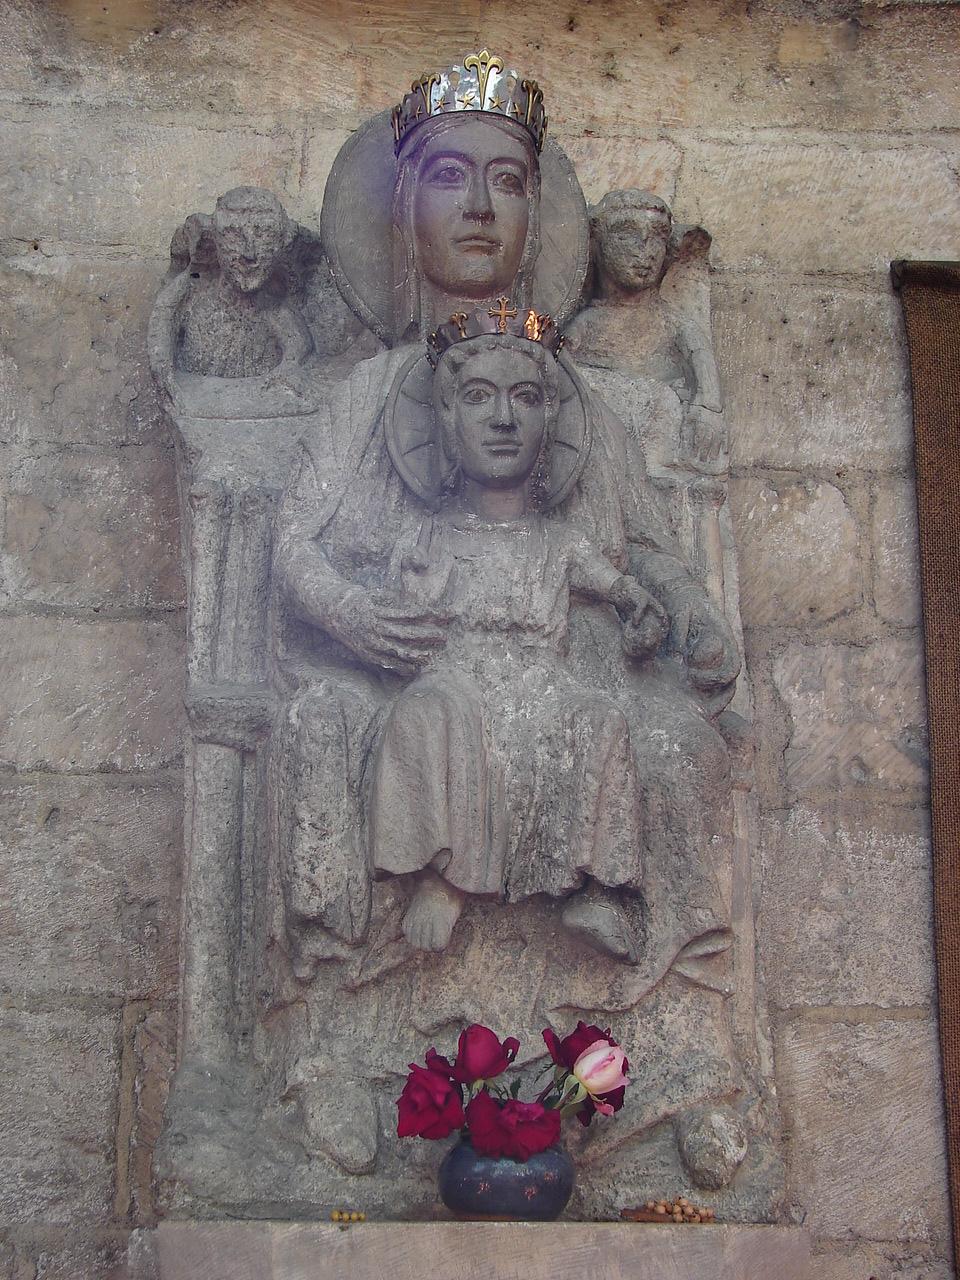 CALENDRIER CATHOLIQUE 2019 (Cantiques, Prières & Images) - Page 14 Notre-dame-du-bien-mourir-56ba403